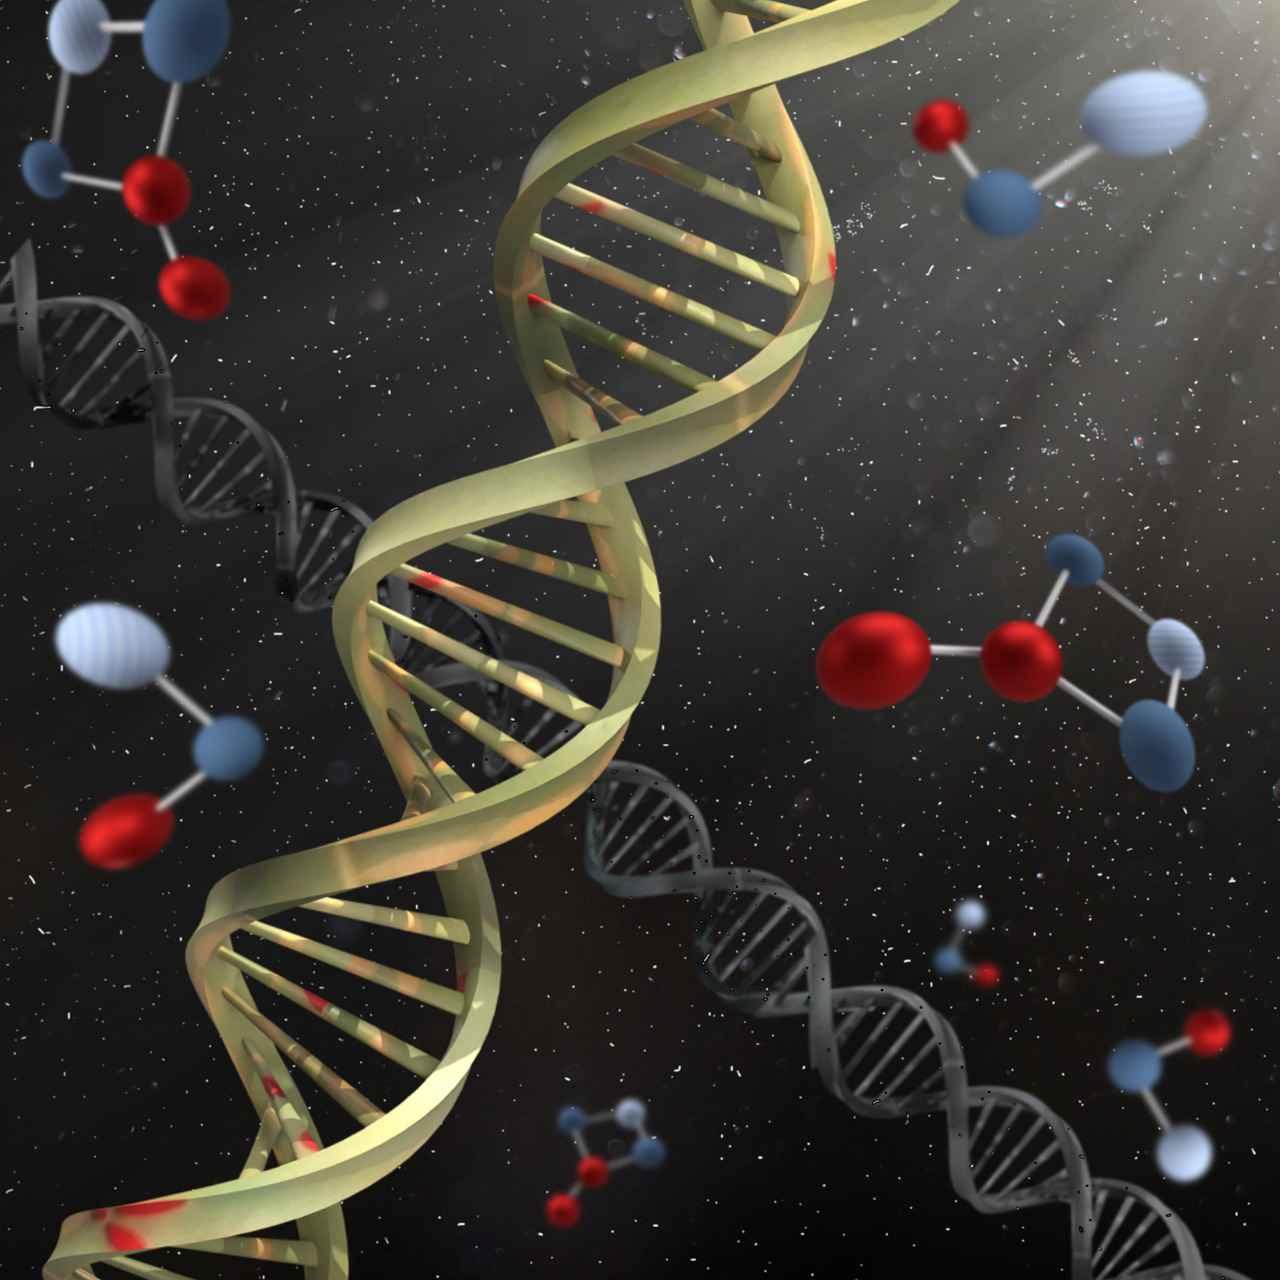 Representação artística do DNA